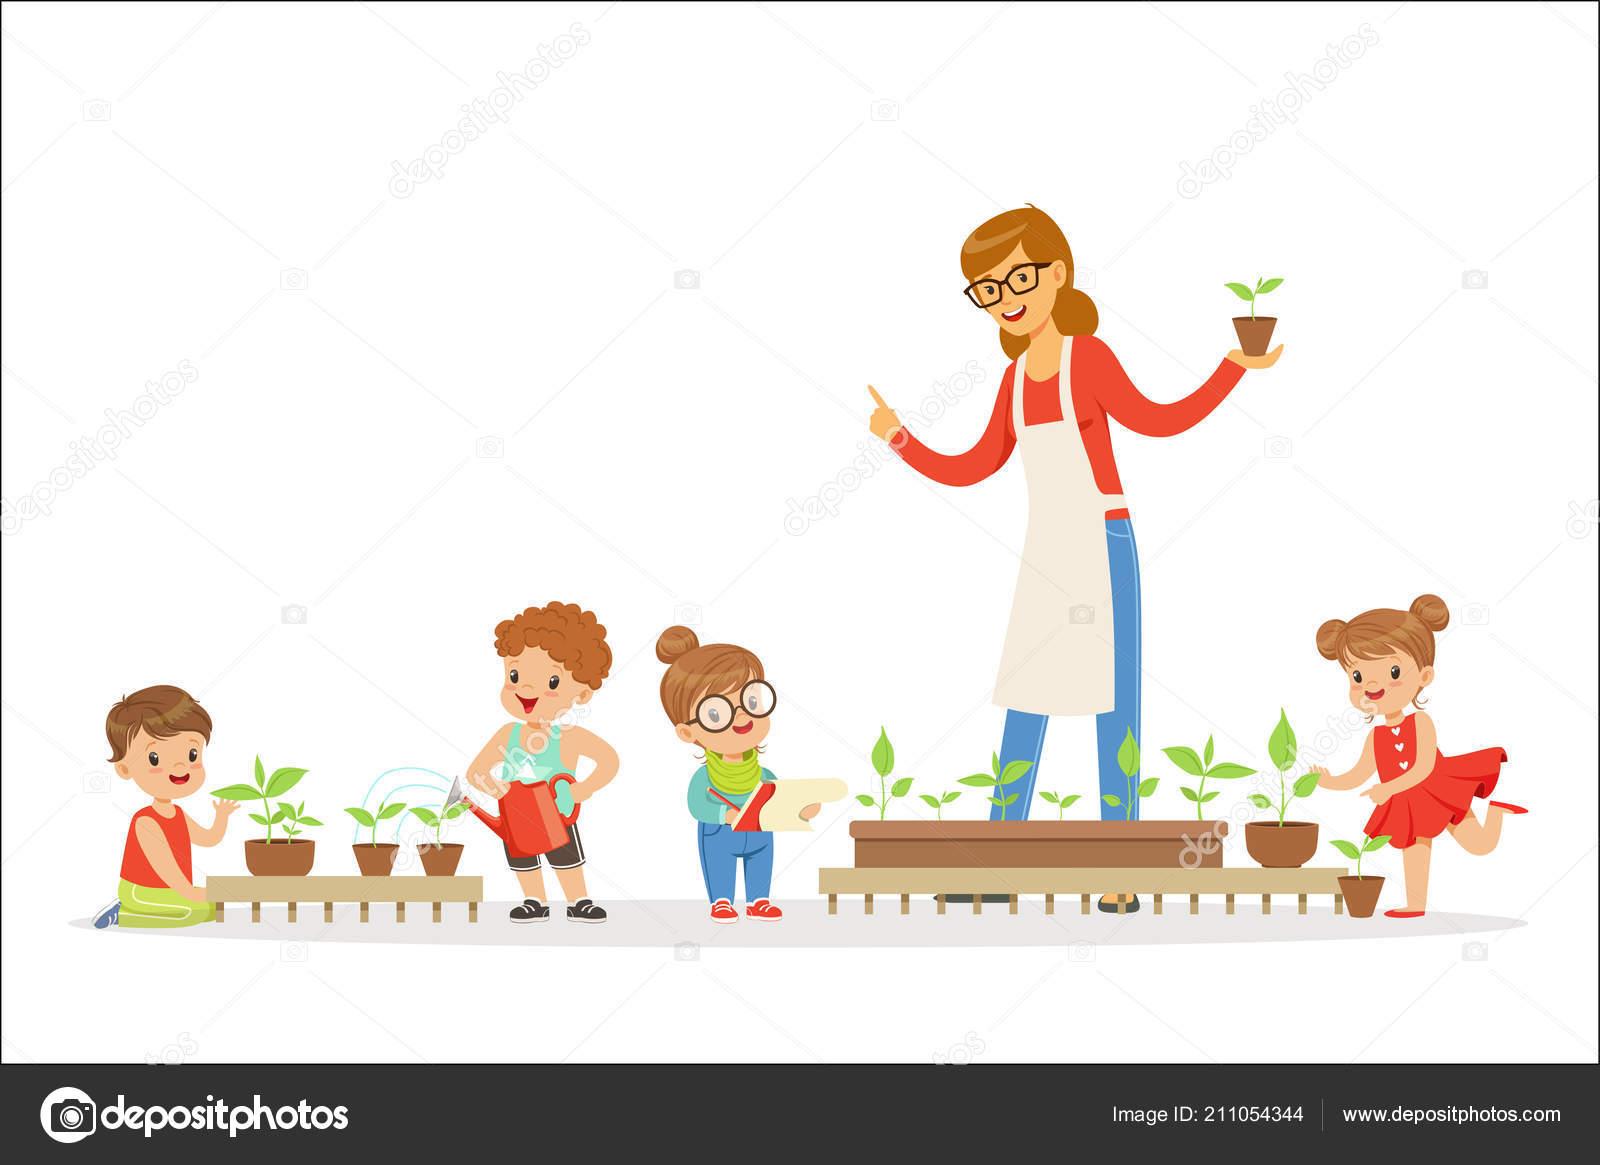 Imagenes De Niños De Preescolar Animadas